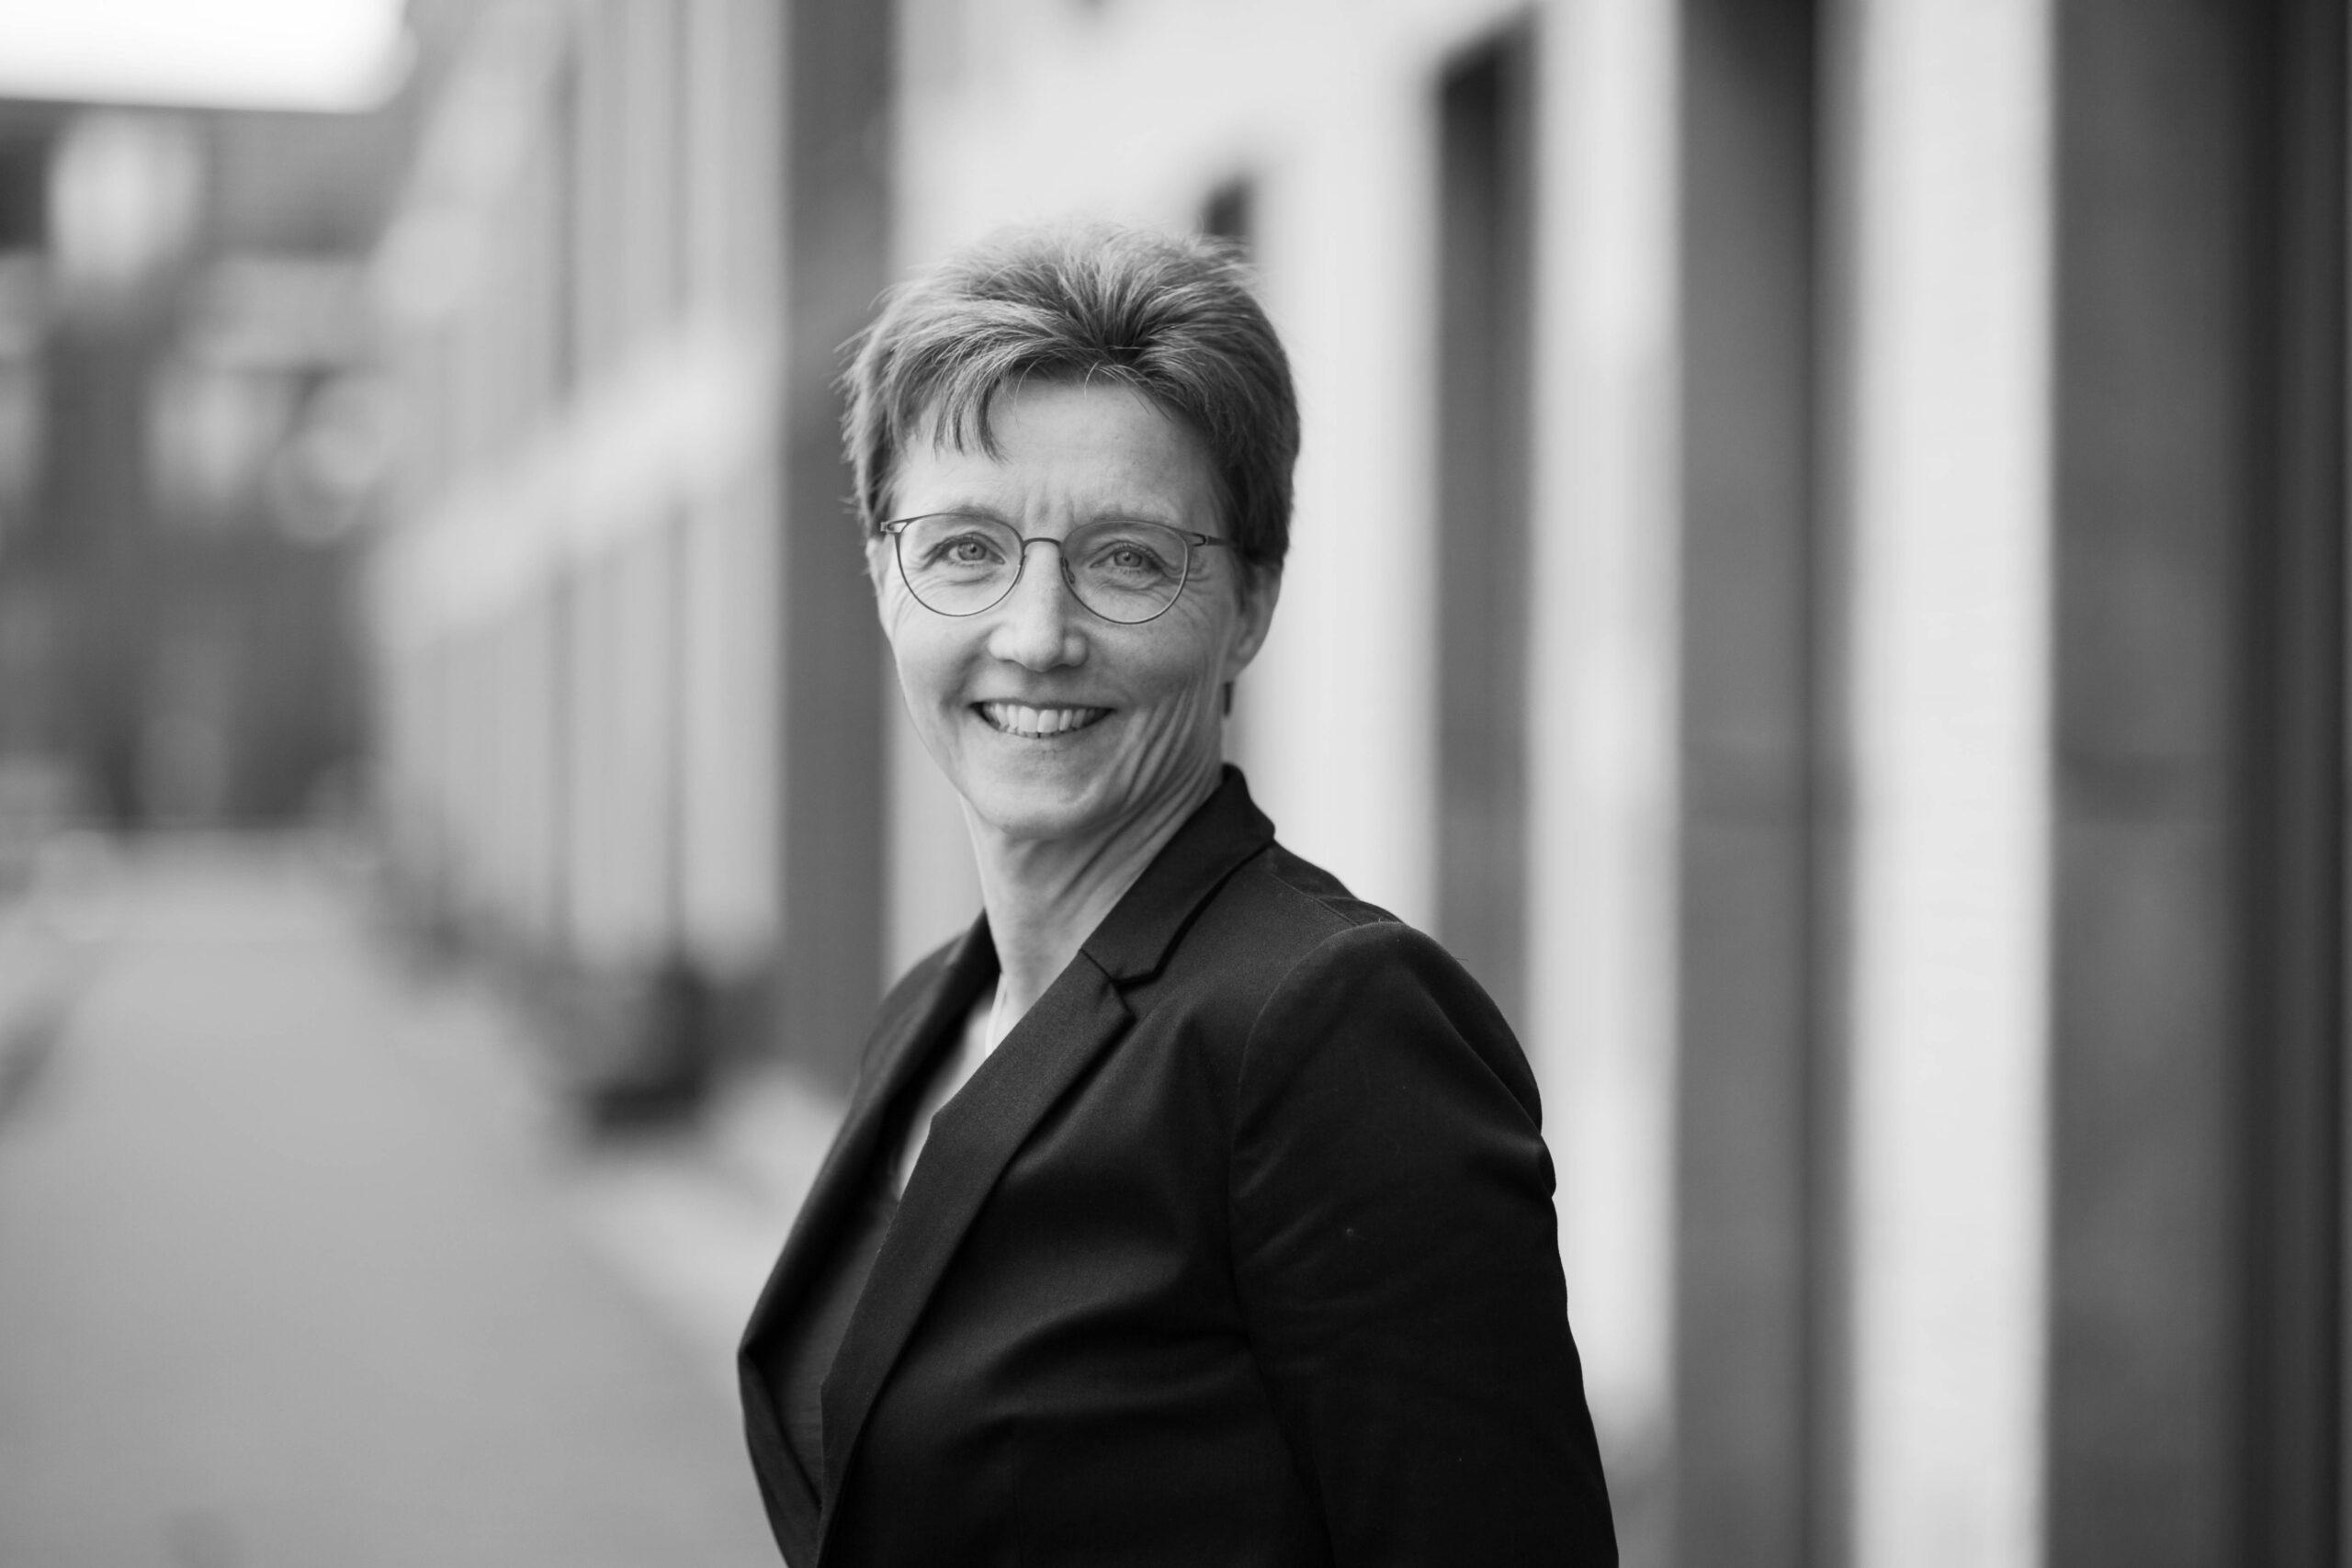 Caroline Schreuder